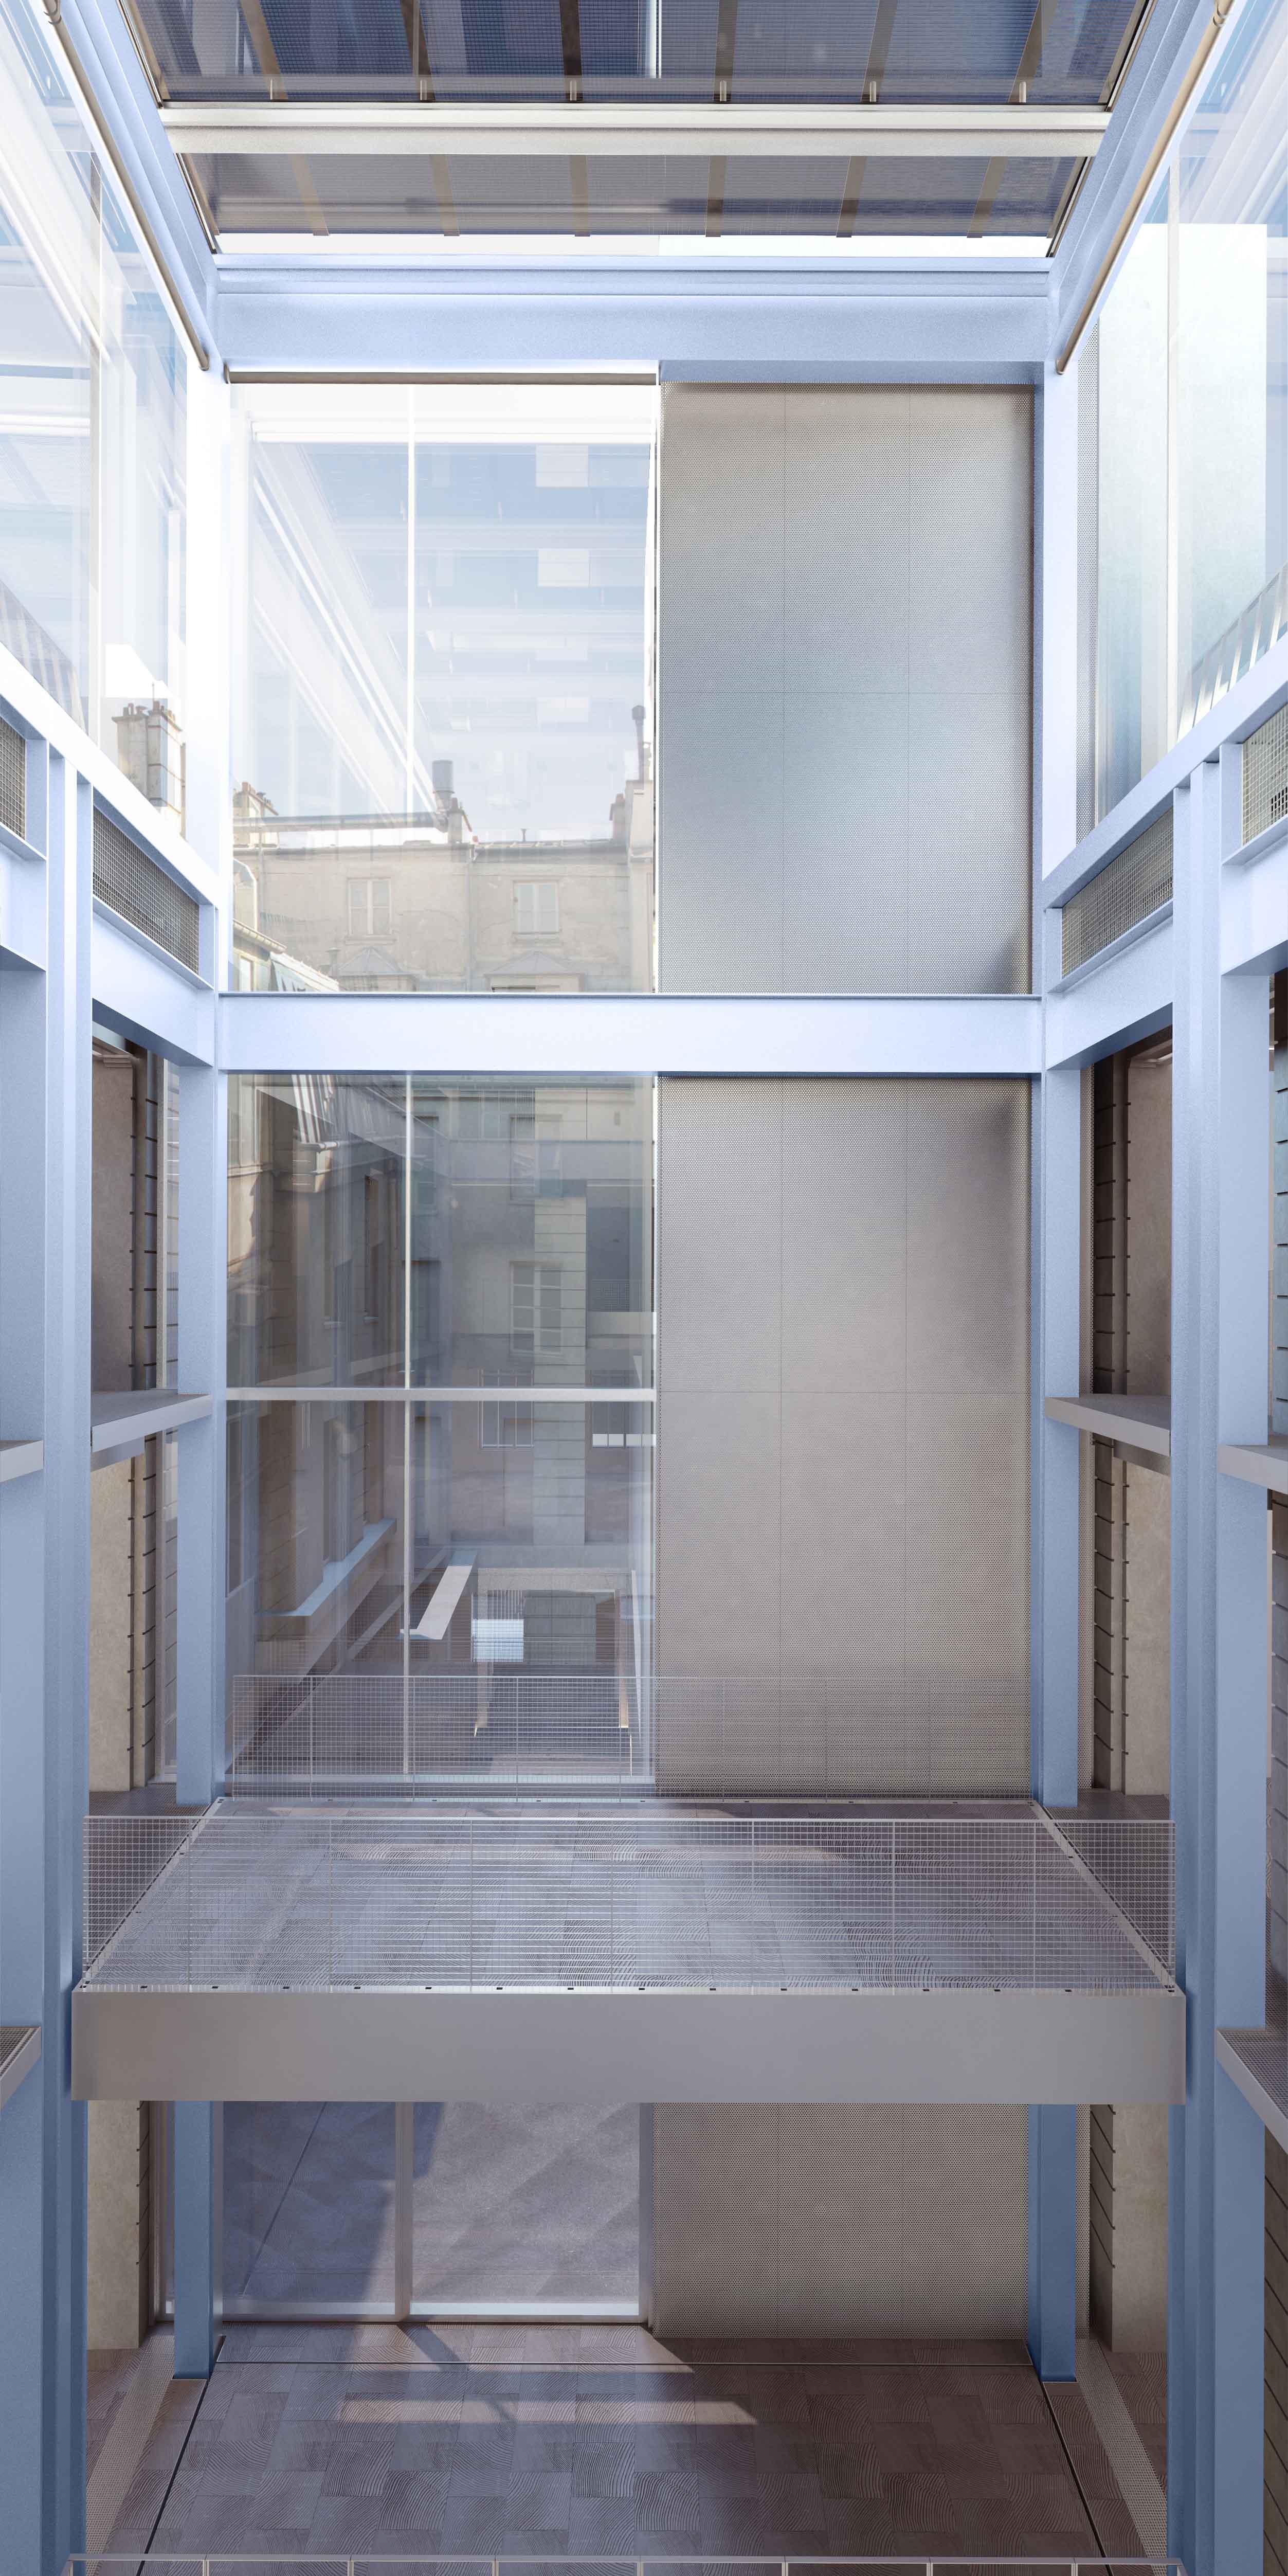 Tour d'exposition avec planchers mobiles (une des 49 configurations possibles de la machine curatoriale). Copyright : OMA / Fondation d'entreprise Galeries Lafayette